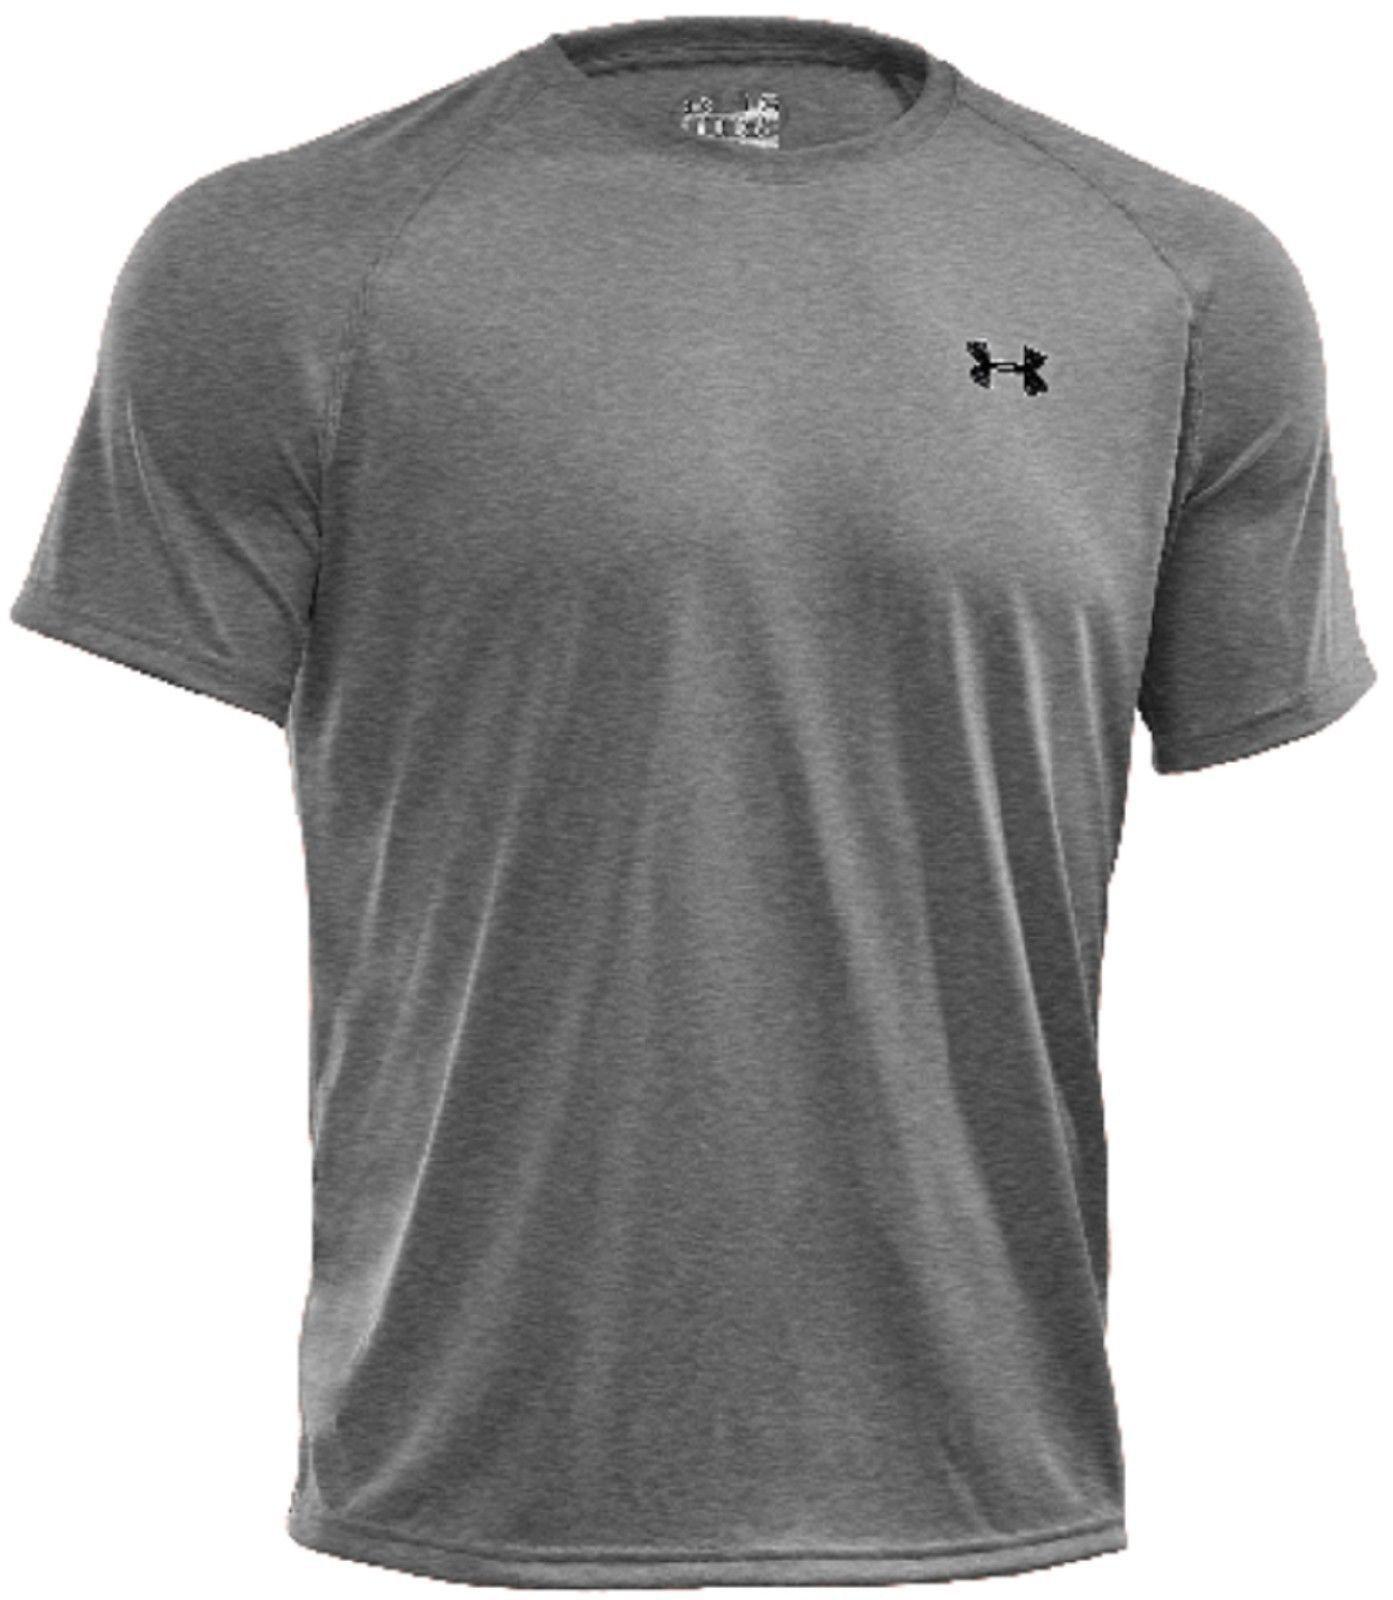 d74224c0 Under Armour Mens Tactical Short Sleeve Ua Tech T Shirt   RLDM